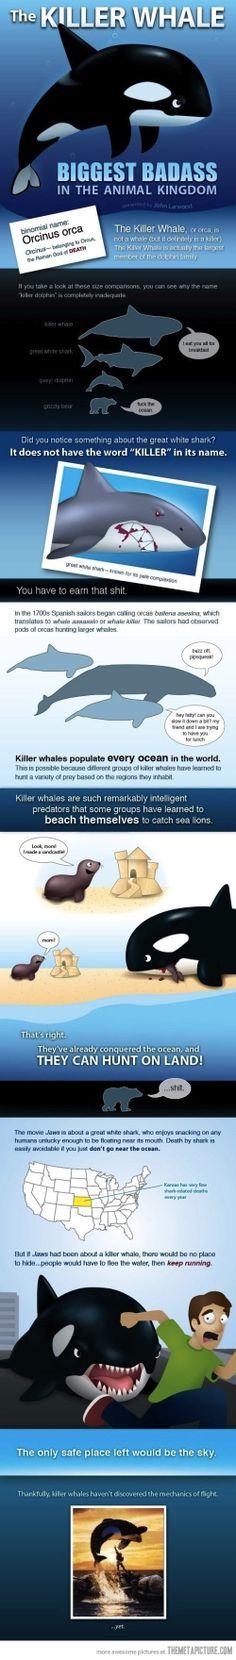 The Killer Whale hahahahahaha